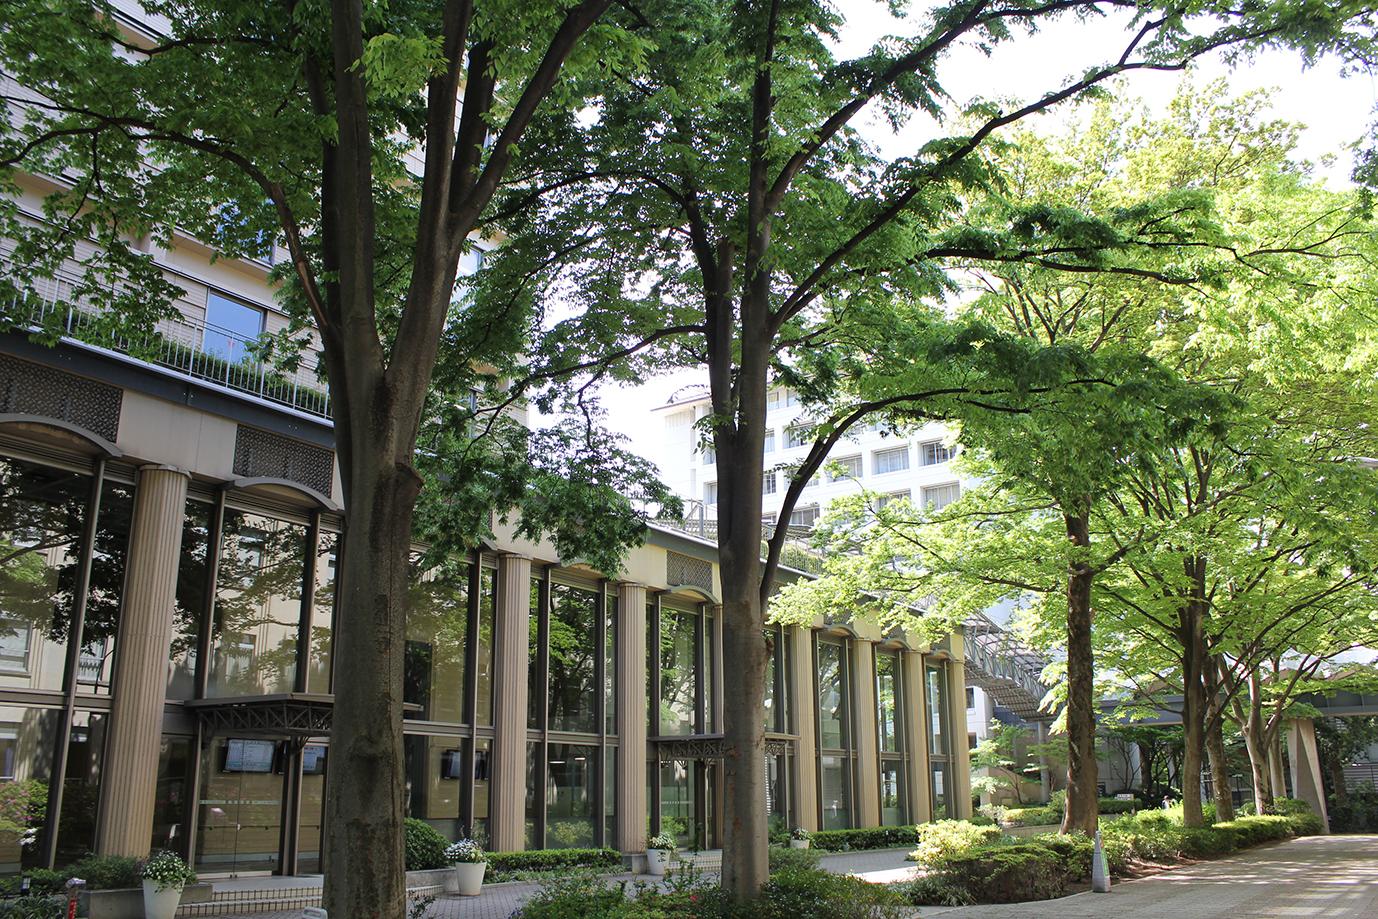 【武蔵大学】「小規模だが評価できる大学」で全国2位に -- 全国684進学校の進路指導教諭から高い評価を獲得